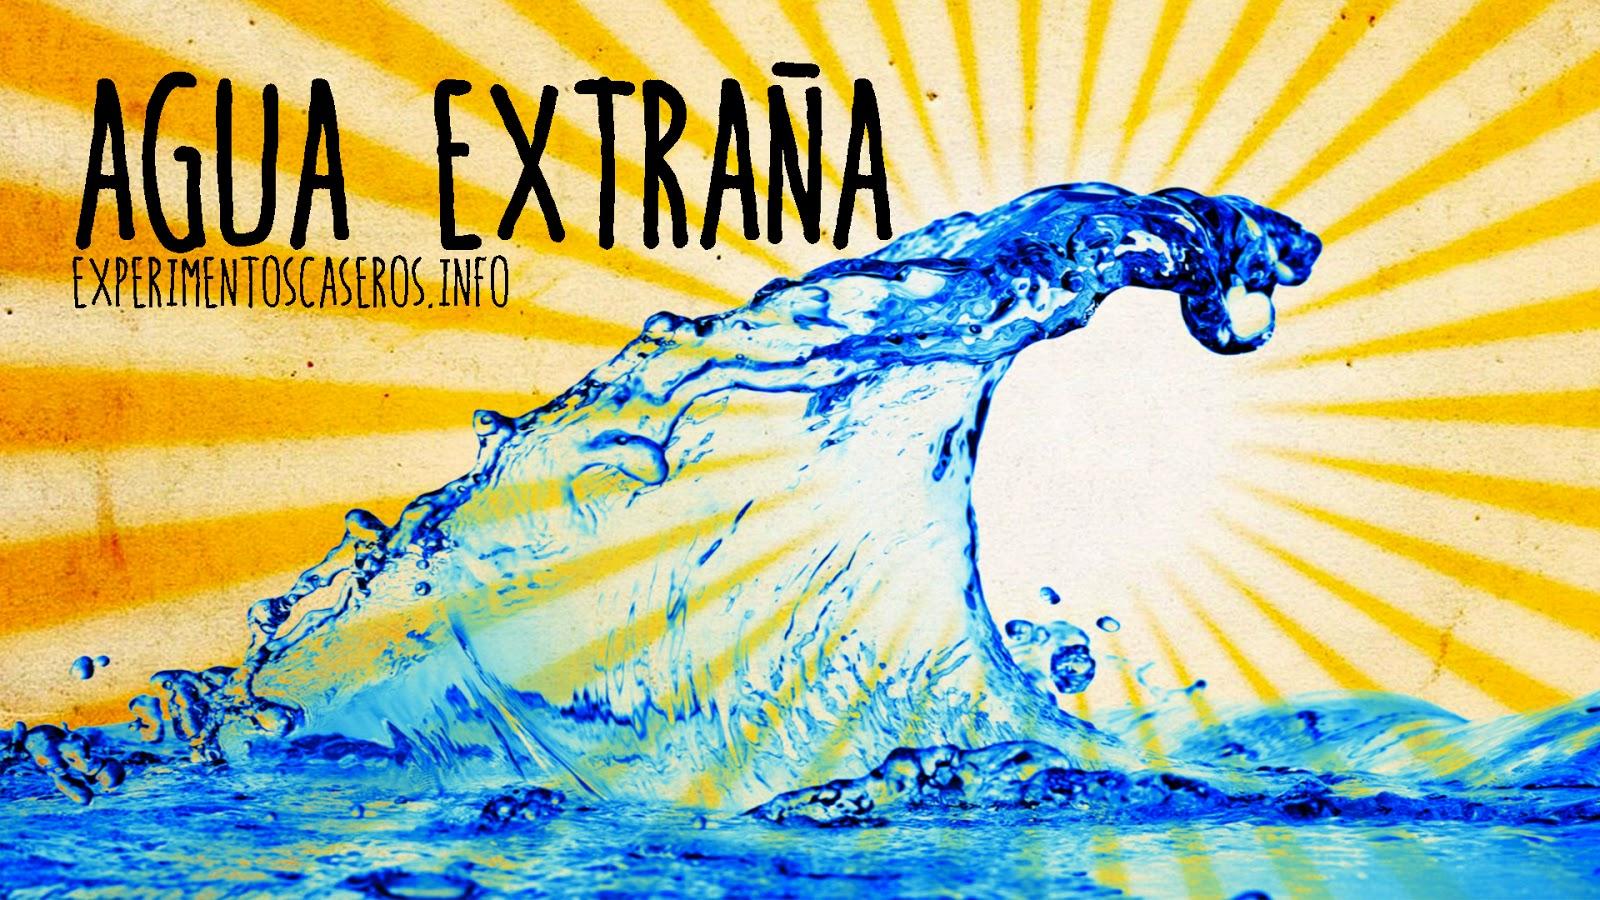 Agua extraña, efecto leidenfrost, experimentos caseros, experimentos sencillos, experimentos fáciles, experimento , experimentos, experimento casero, ciencia, ciencia encasa, experimentos para niños